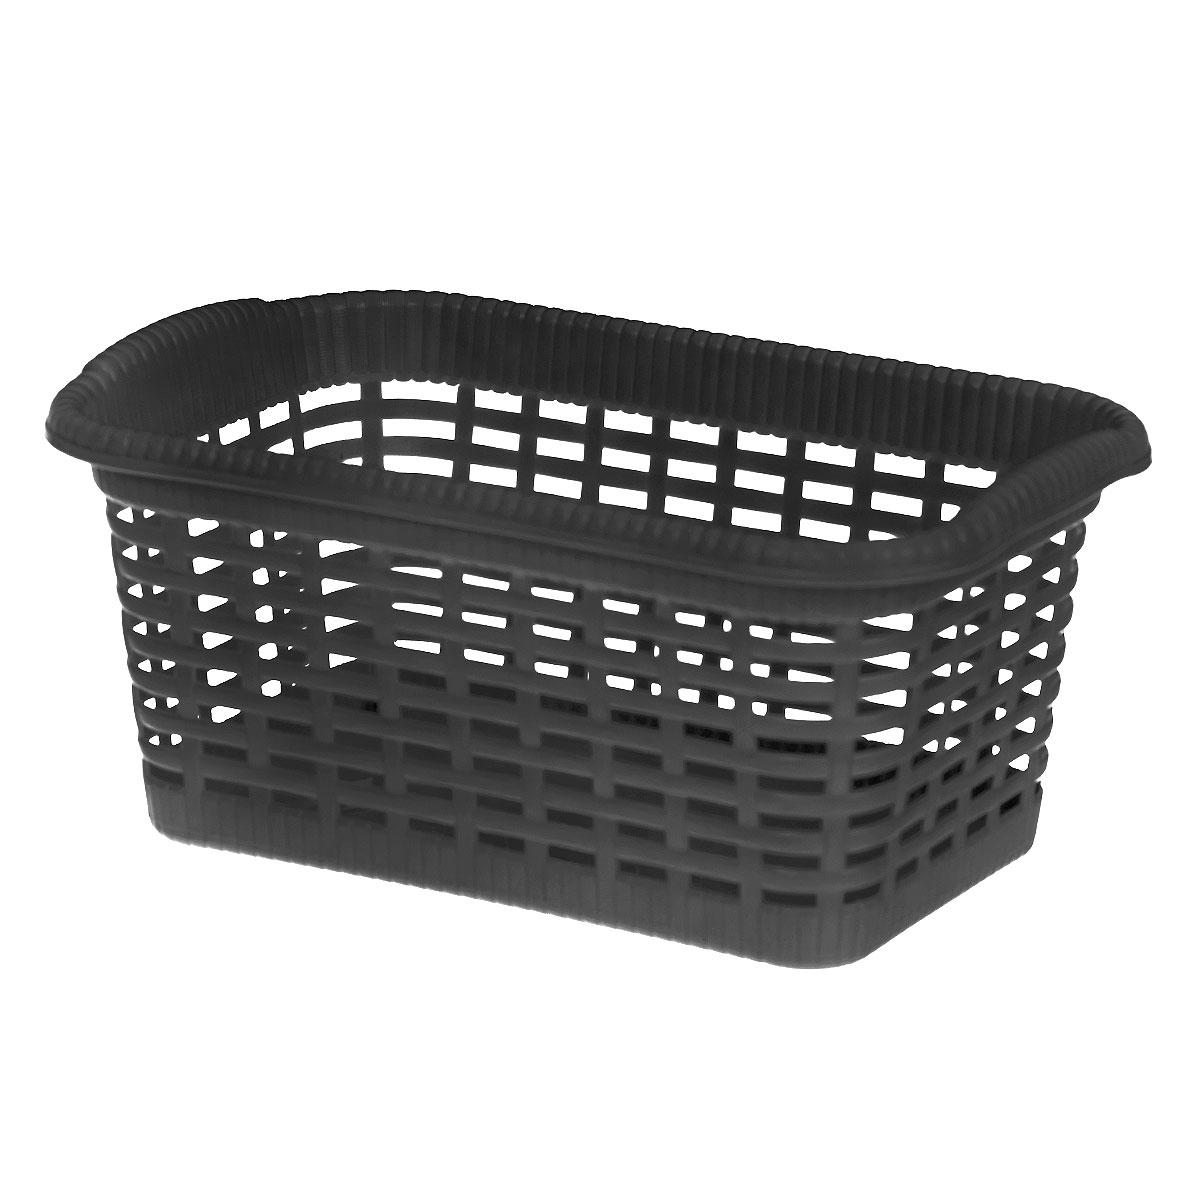 Корзина хозяйственная Gensini, цвет: черный, 29 x 18,5 x 13,5 смRG-D31SУниверсальная корзина Gensini, выполненная из пластика, предназначена для хранения мелочей в ванной, на кухне, даче или гараже. Позволяет хранить мелкие вещи, исключая возможность их потери. Легкая воздушная корзина выполнена под плетенку и оснащена жесткой кромкой.Размер: 29 см x 18,5 см x 13,5 см. Объем: 7 л.